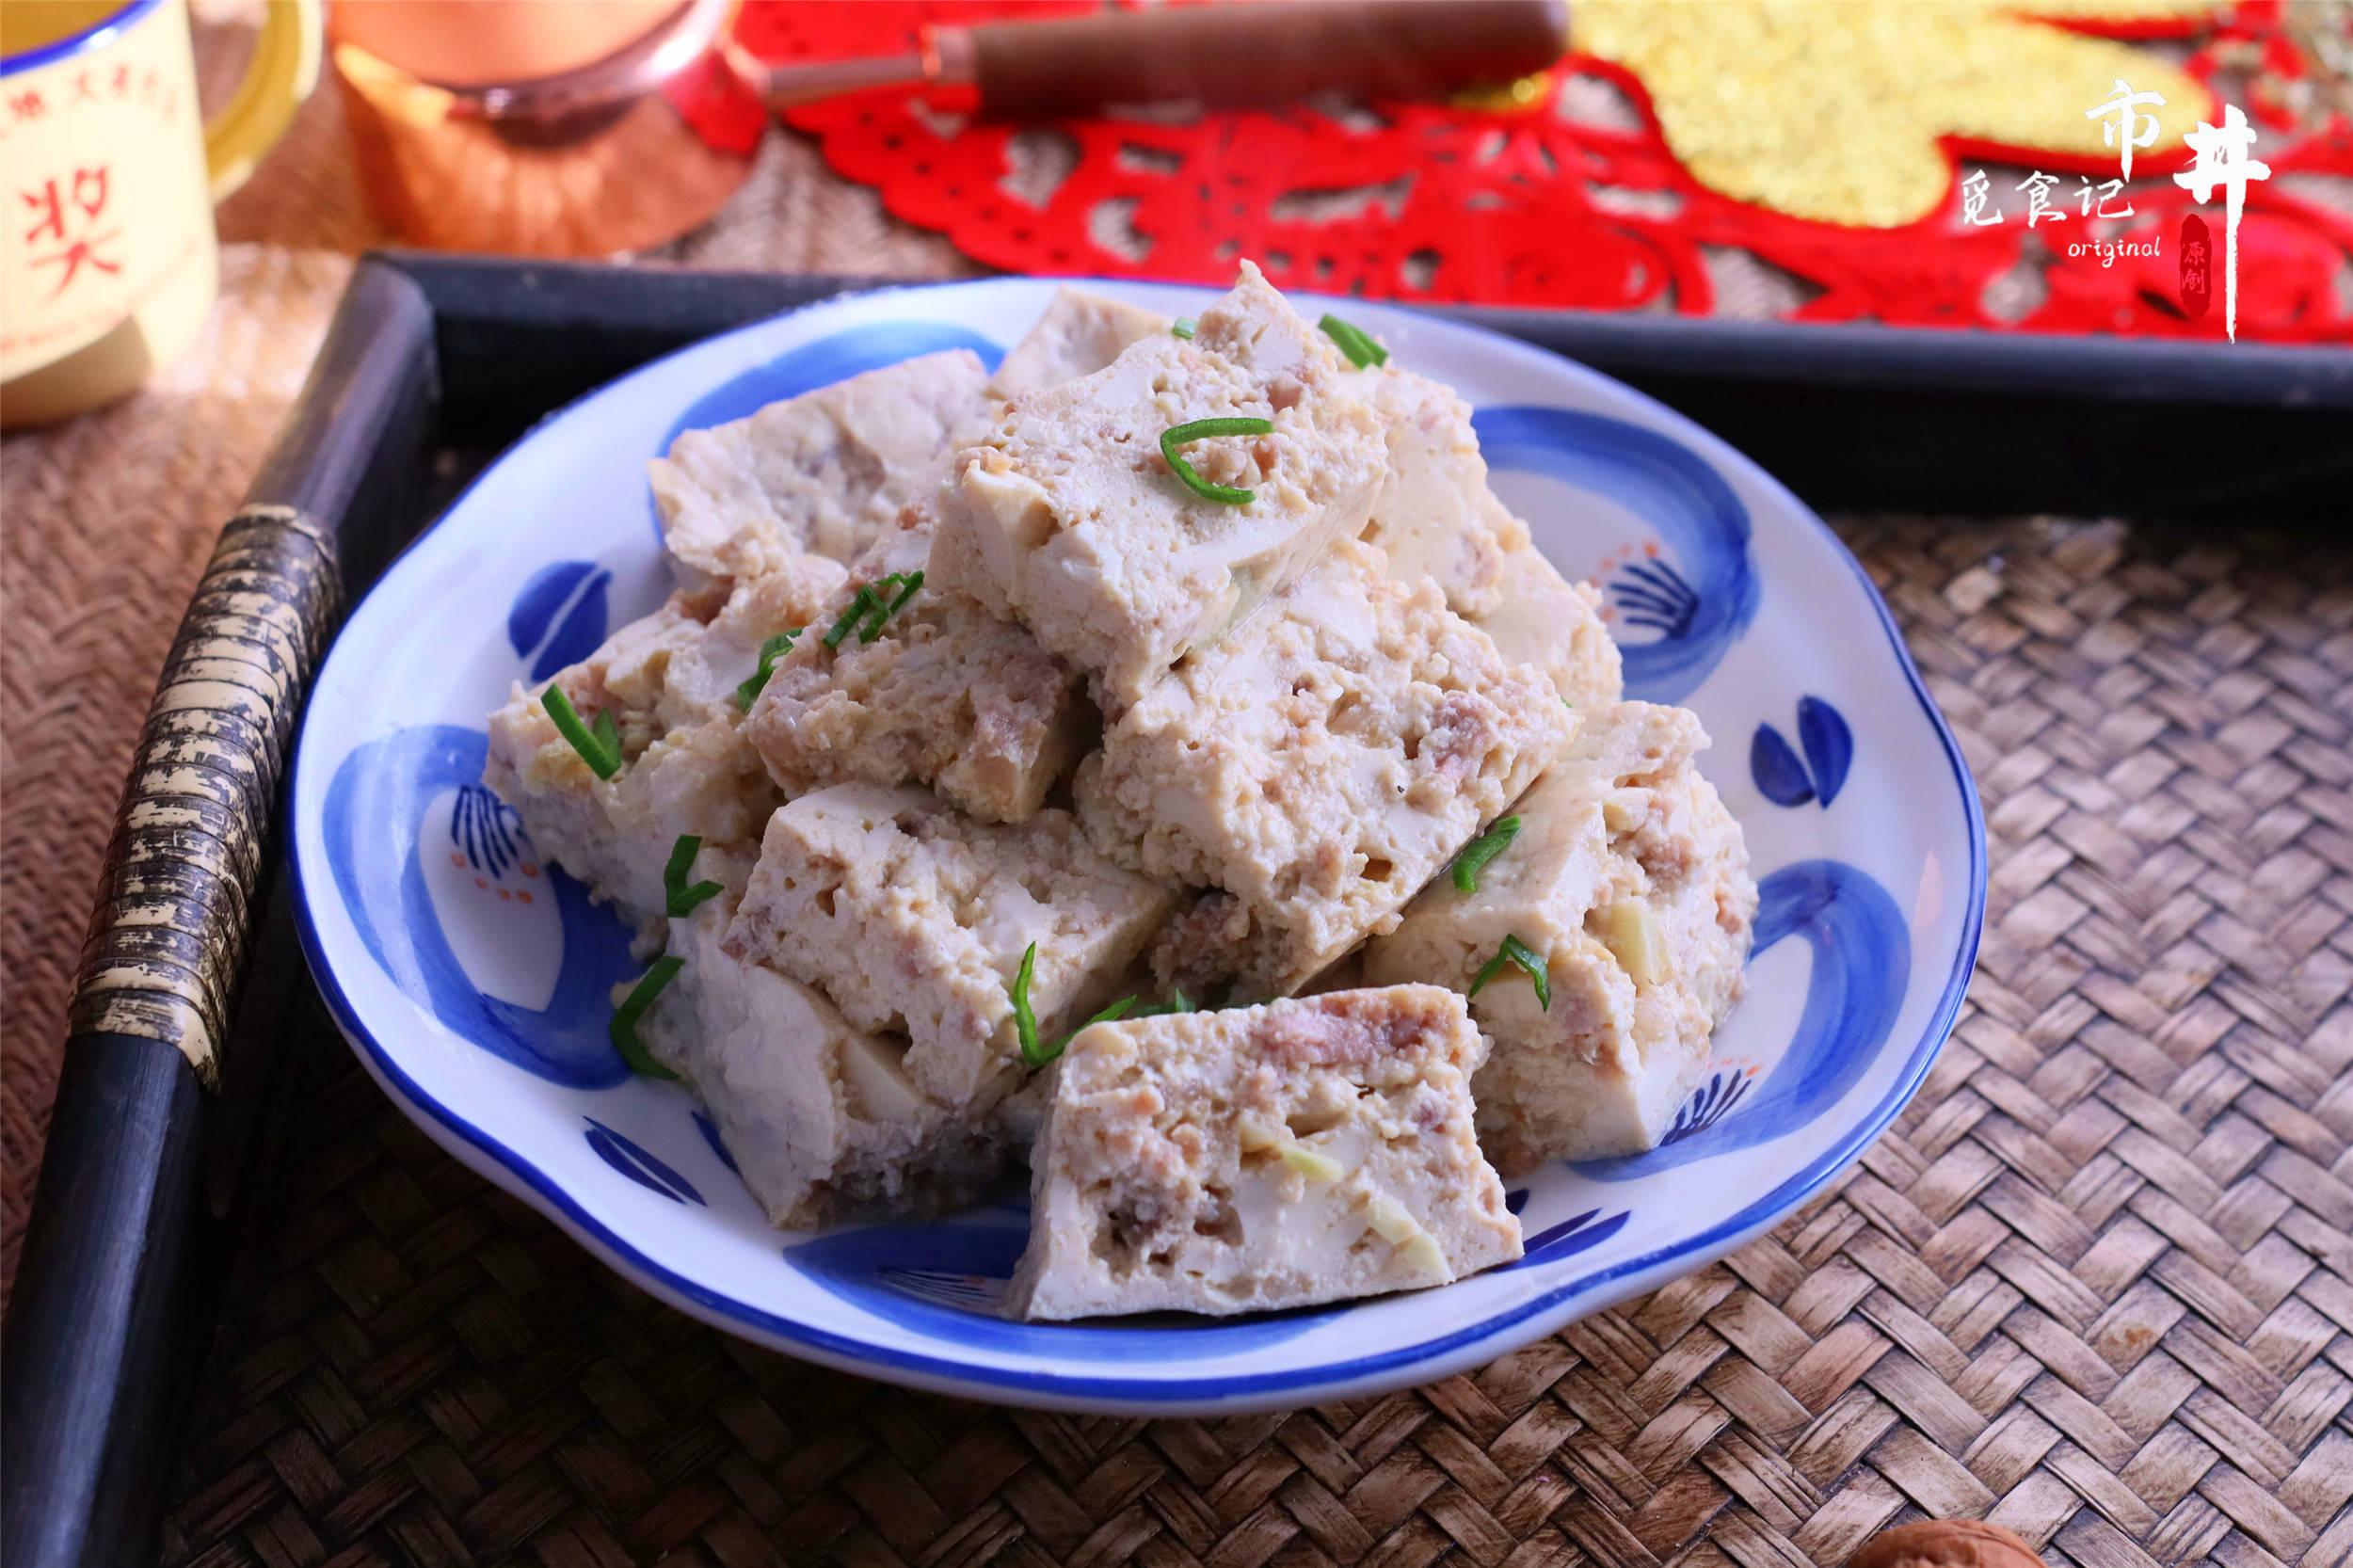 豆腐绝妙的吃法,捏碎加肉馅,比吃肉香,上桌省事不浪费时间